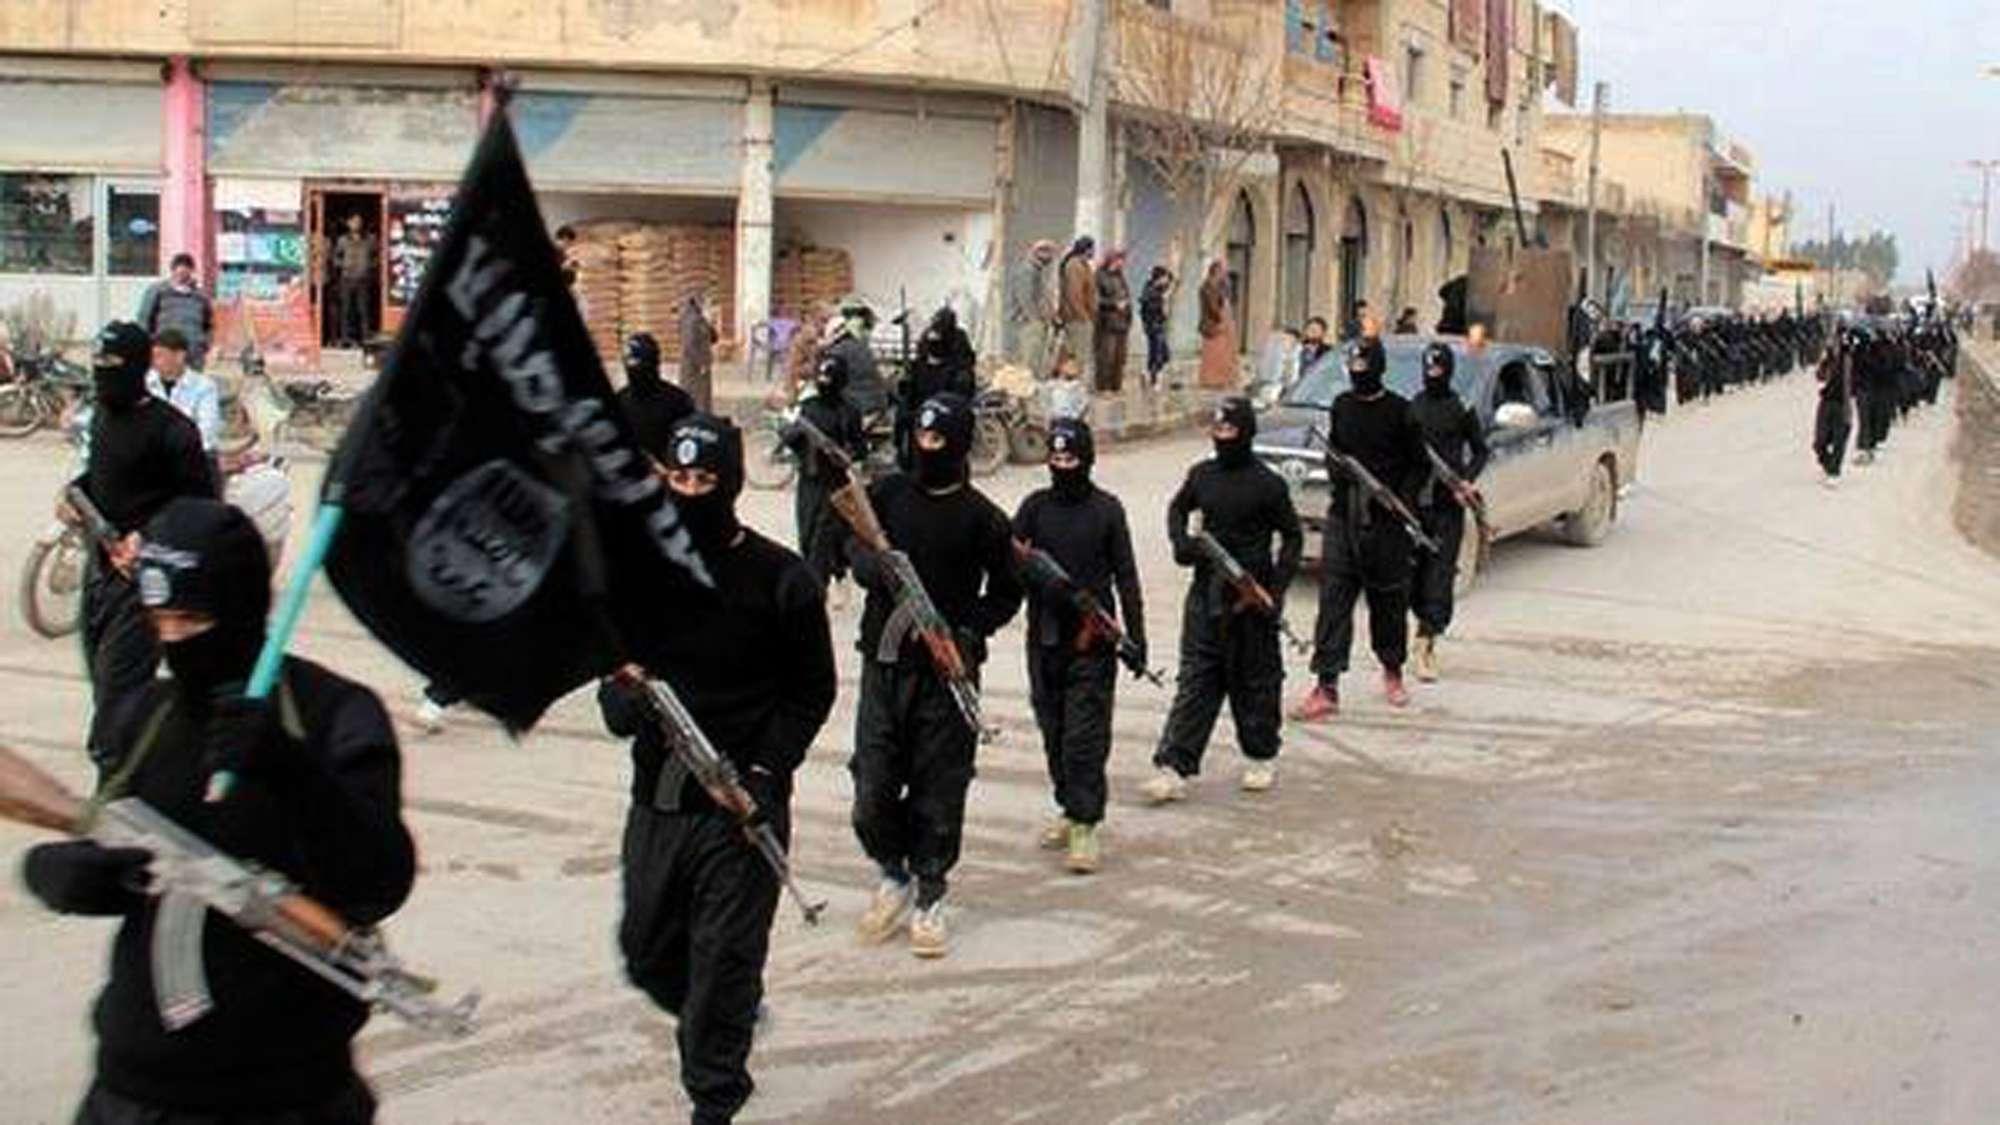 Combatientes de la red Al Qaeda vinculados al Estado Islámico de Irak y el Levante (ISIL) marchan en Raqqa, Siria. Foto: AP en español